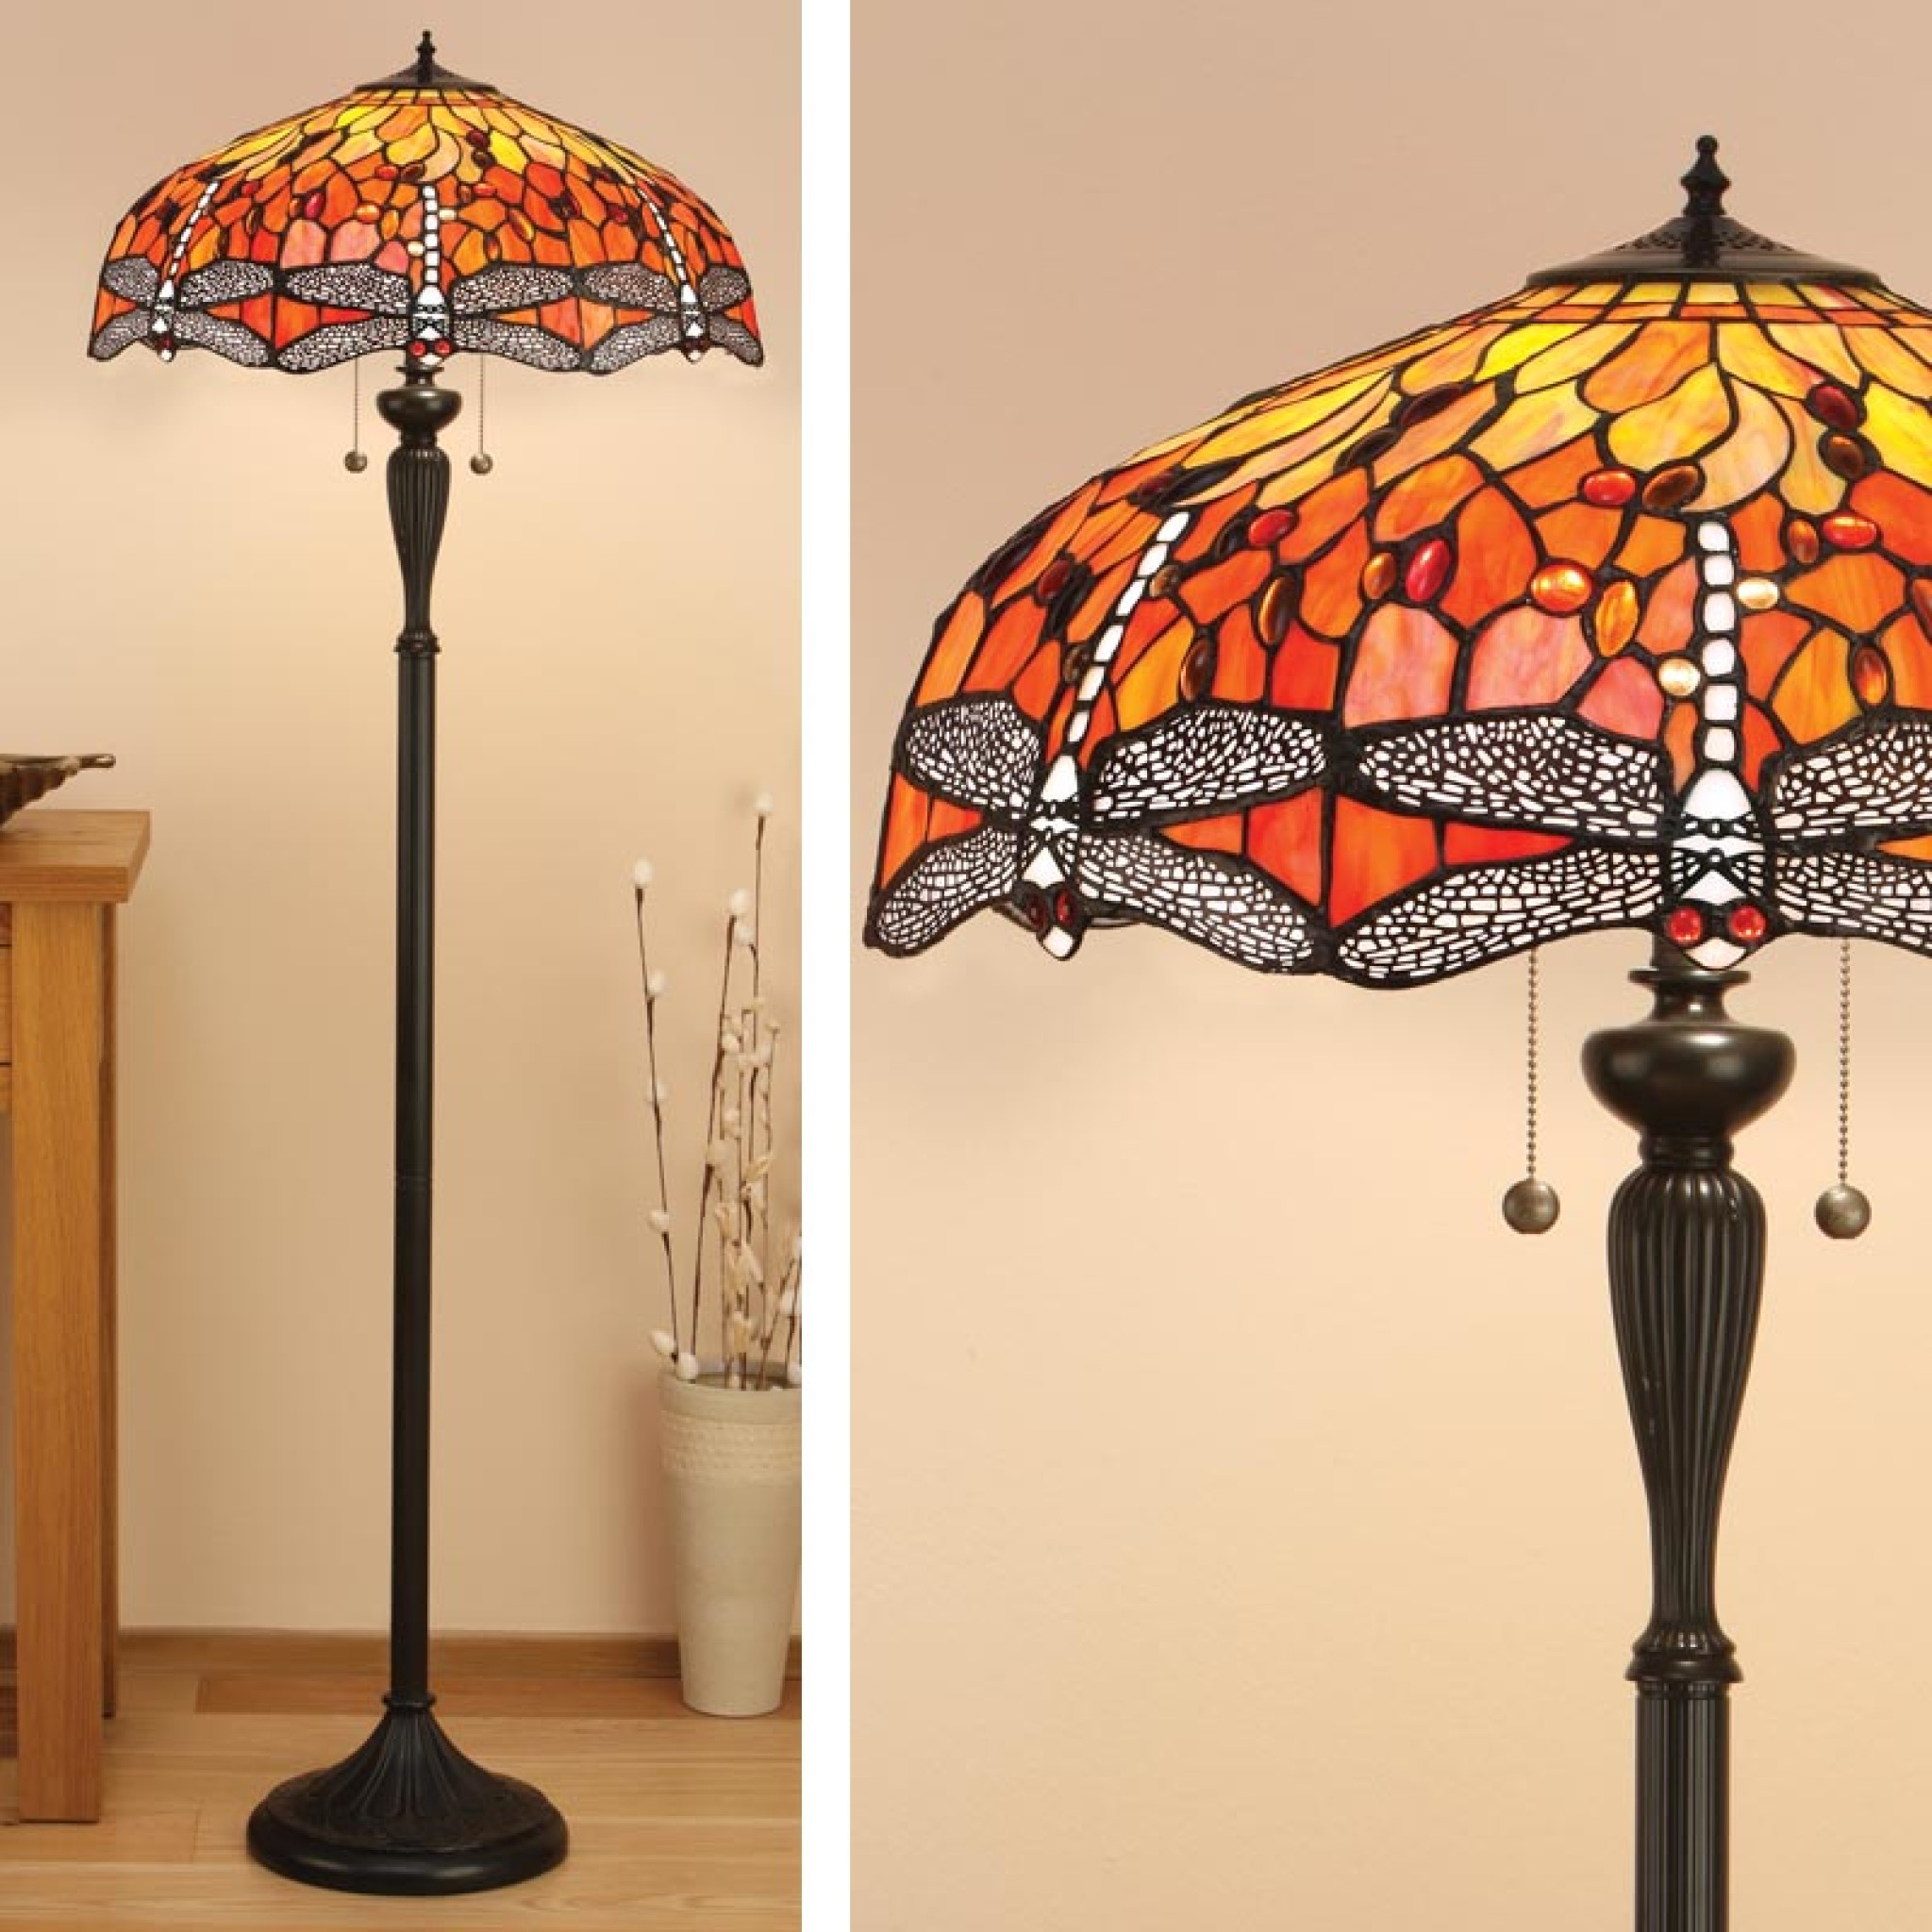 Dragonfly Tiffany Floor Lamp | Tiffany